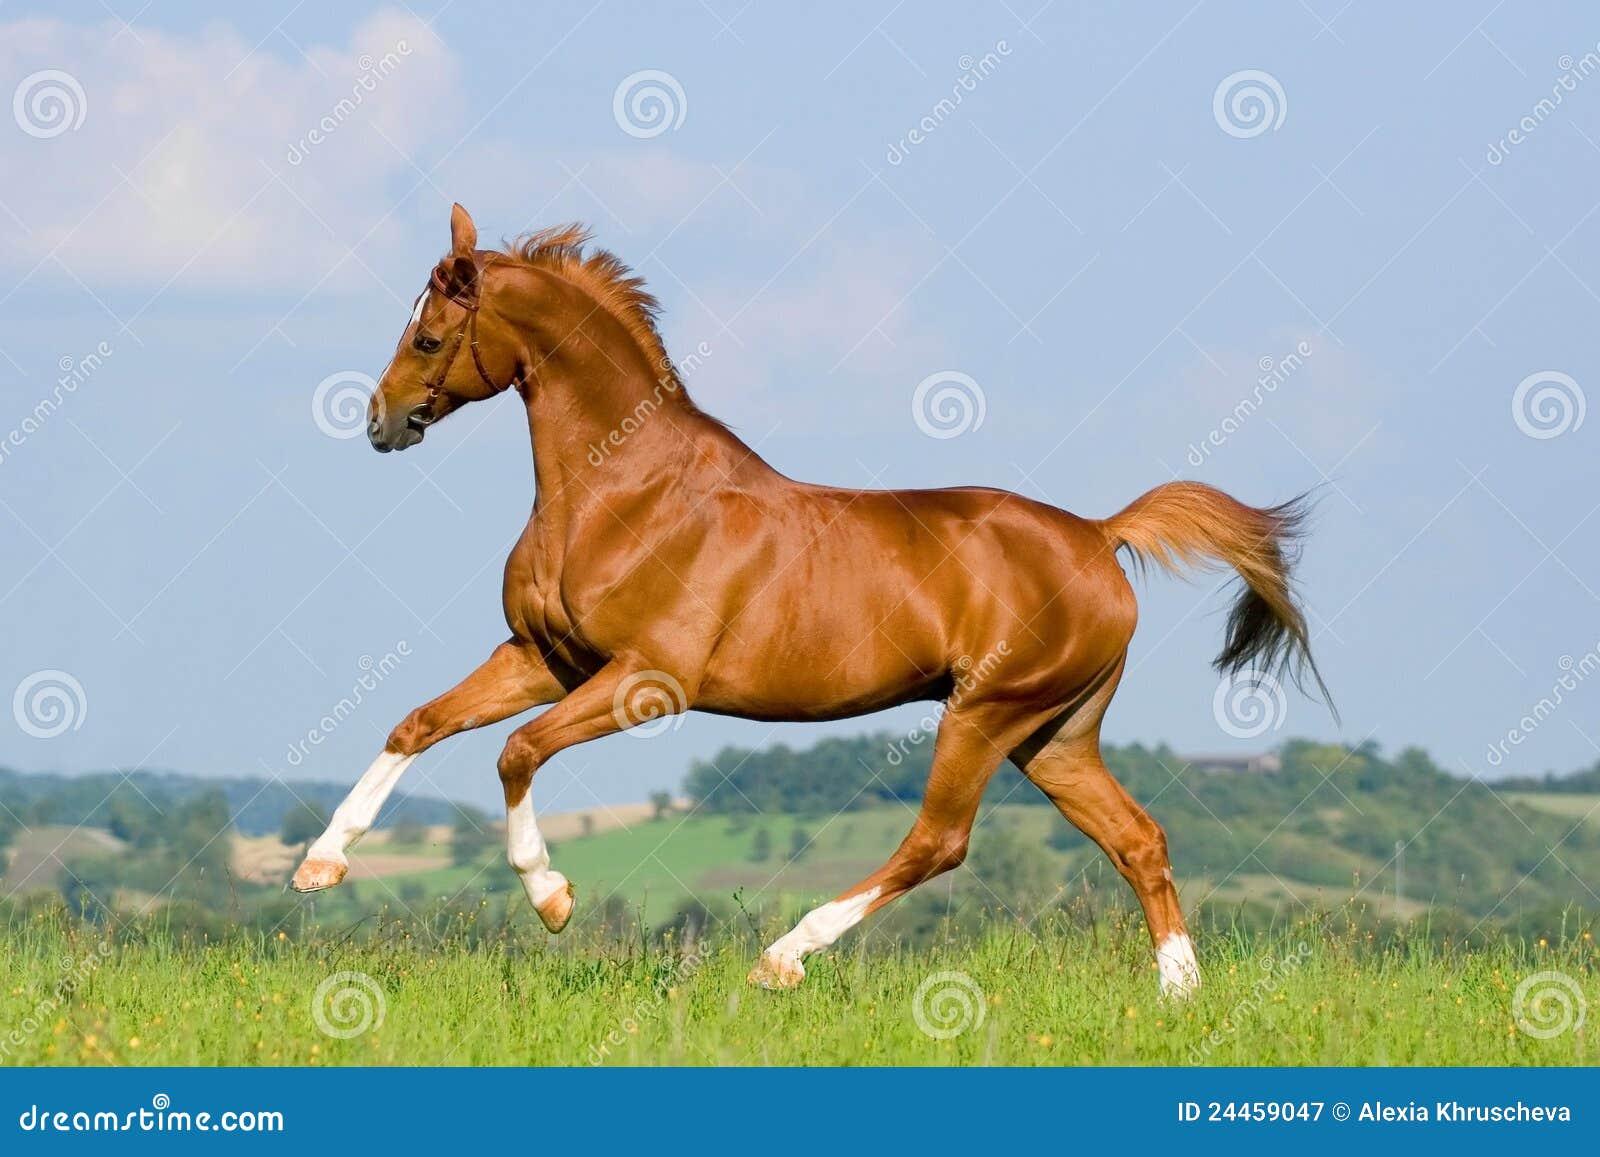 Chestnut horse run on ...